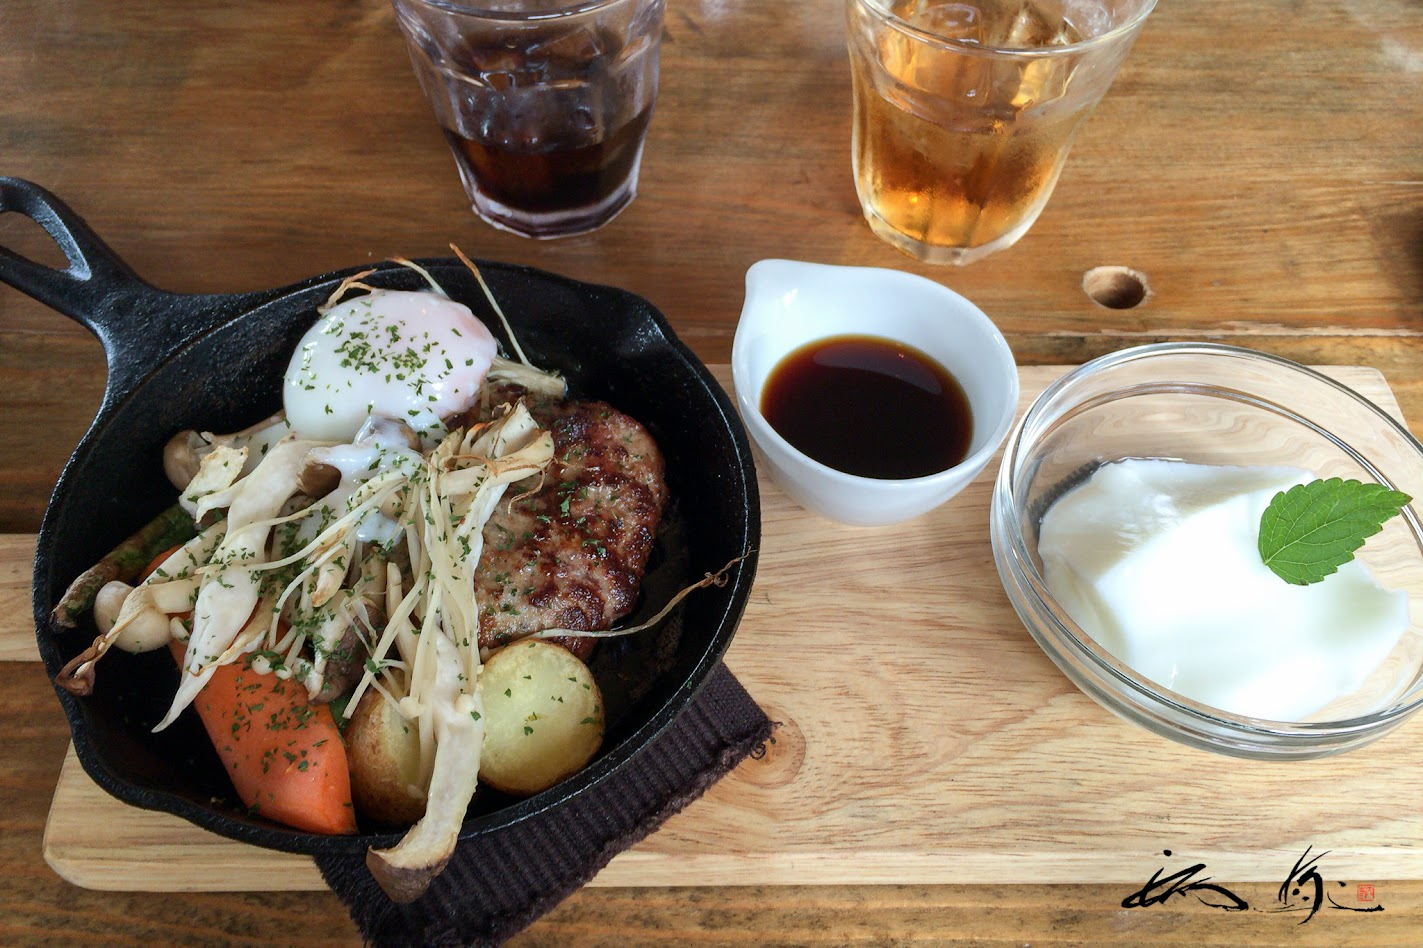 十勝産大地牛✕旭川産芋豚ハンバーグソース